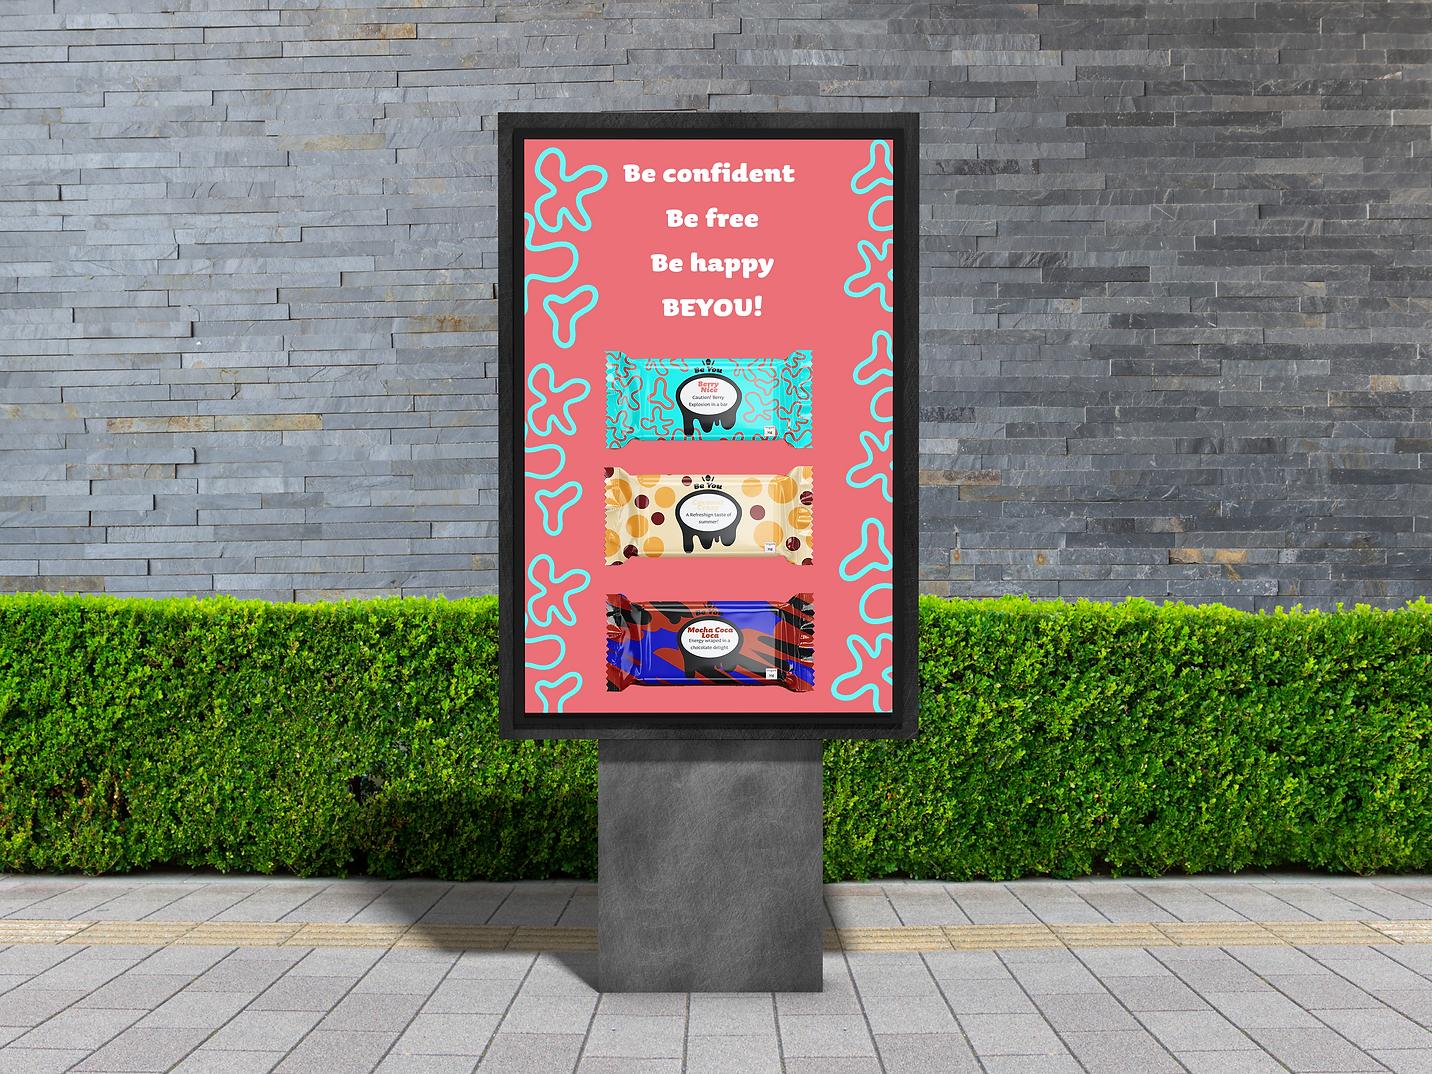 Outdoor Advertisement billboard branding graphic design